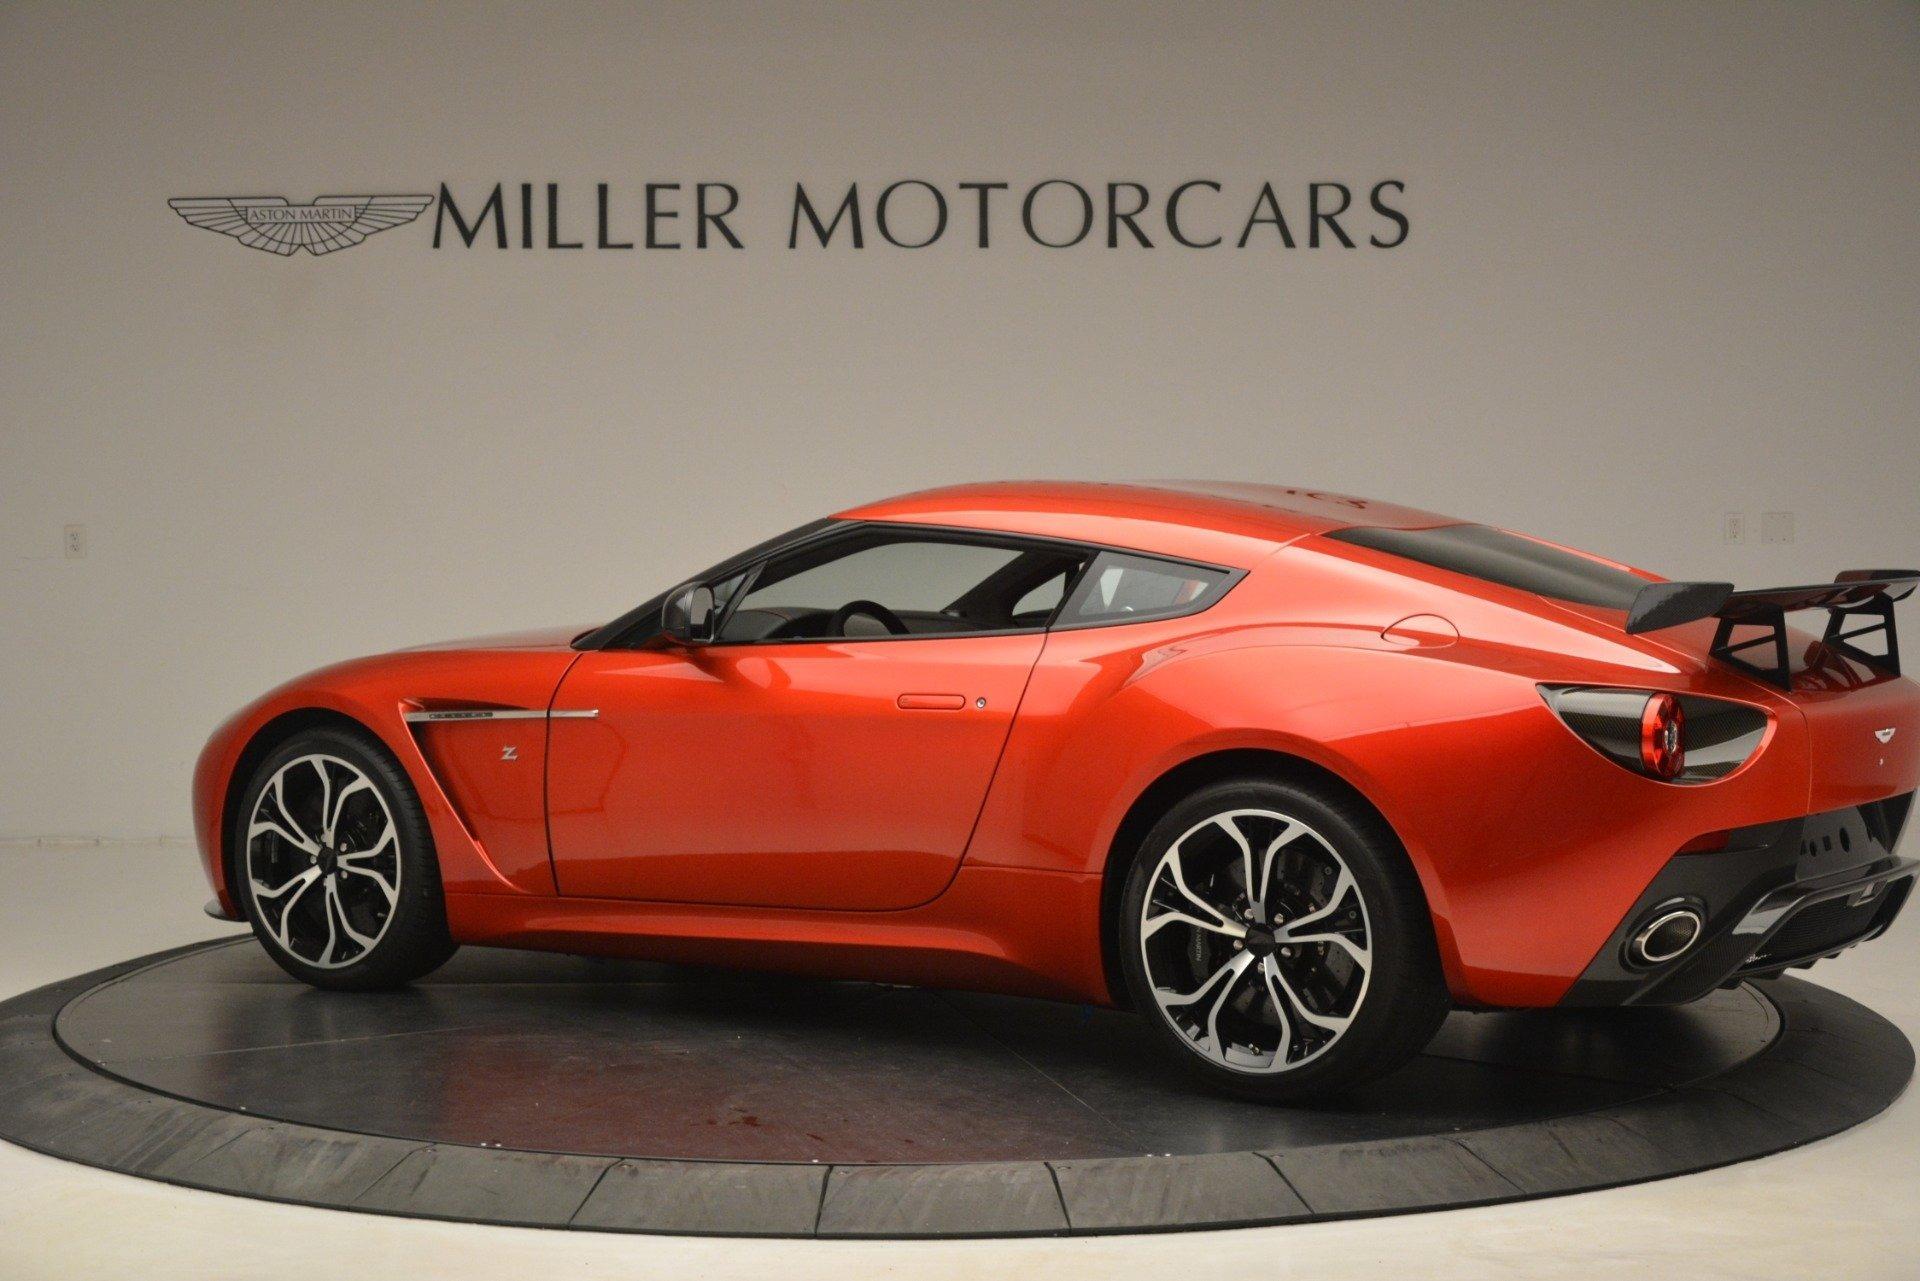 Used 2013 Aston Martin V12 Zagato Coupe | Greenwich, CT